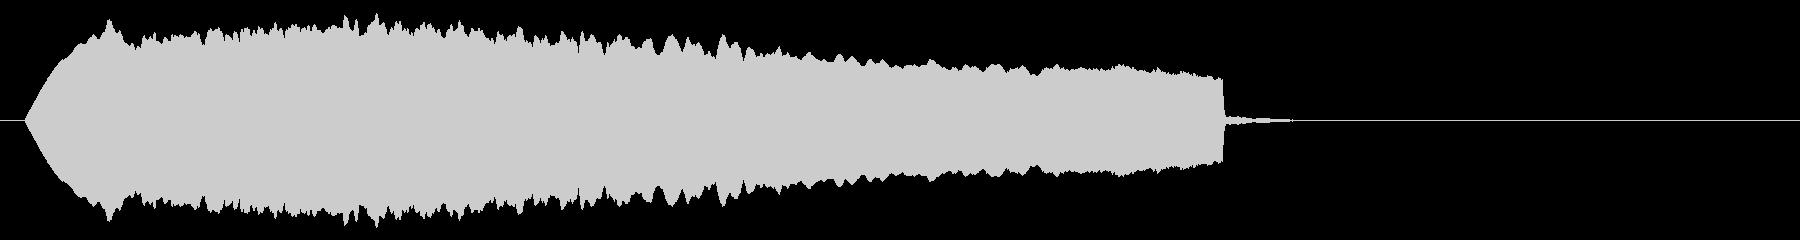 シンプルなメーター下降音/コミカルの未再生の波形